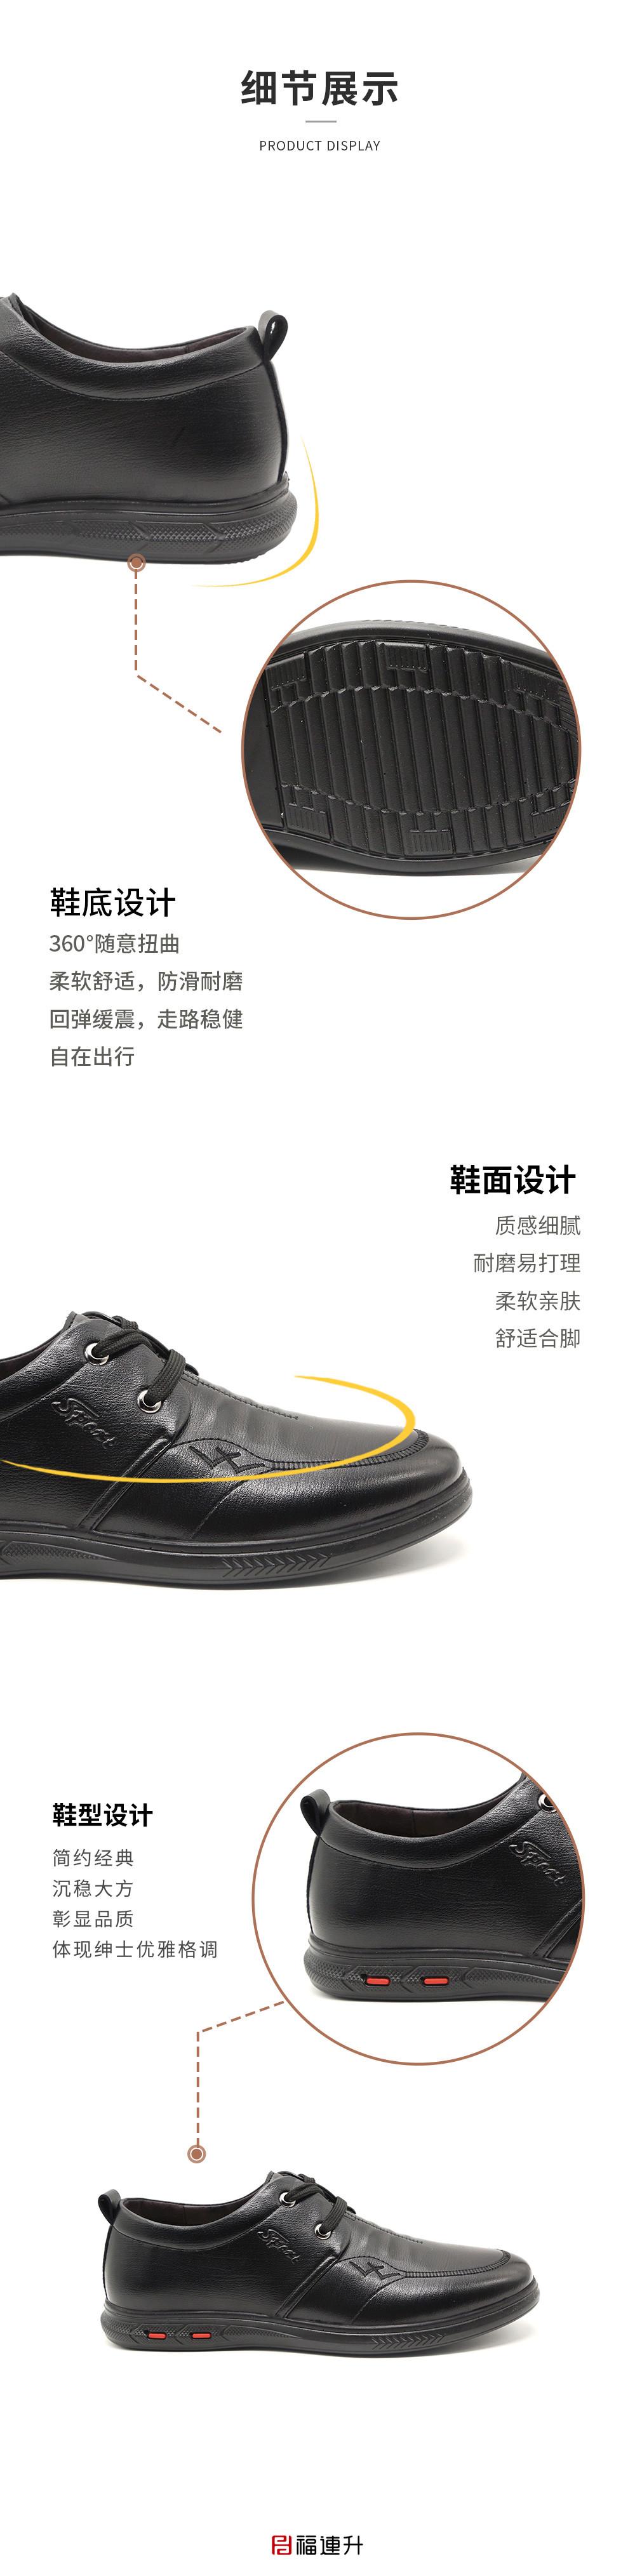 福连升休闲商务男鞋通勤正装透气舒适百搭英伦风工作鞋图片